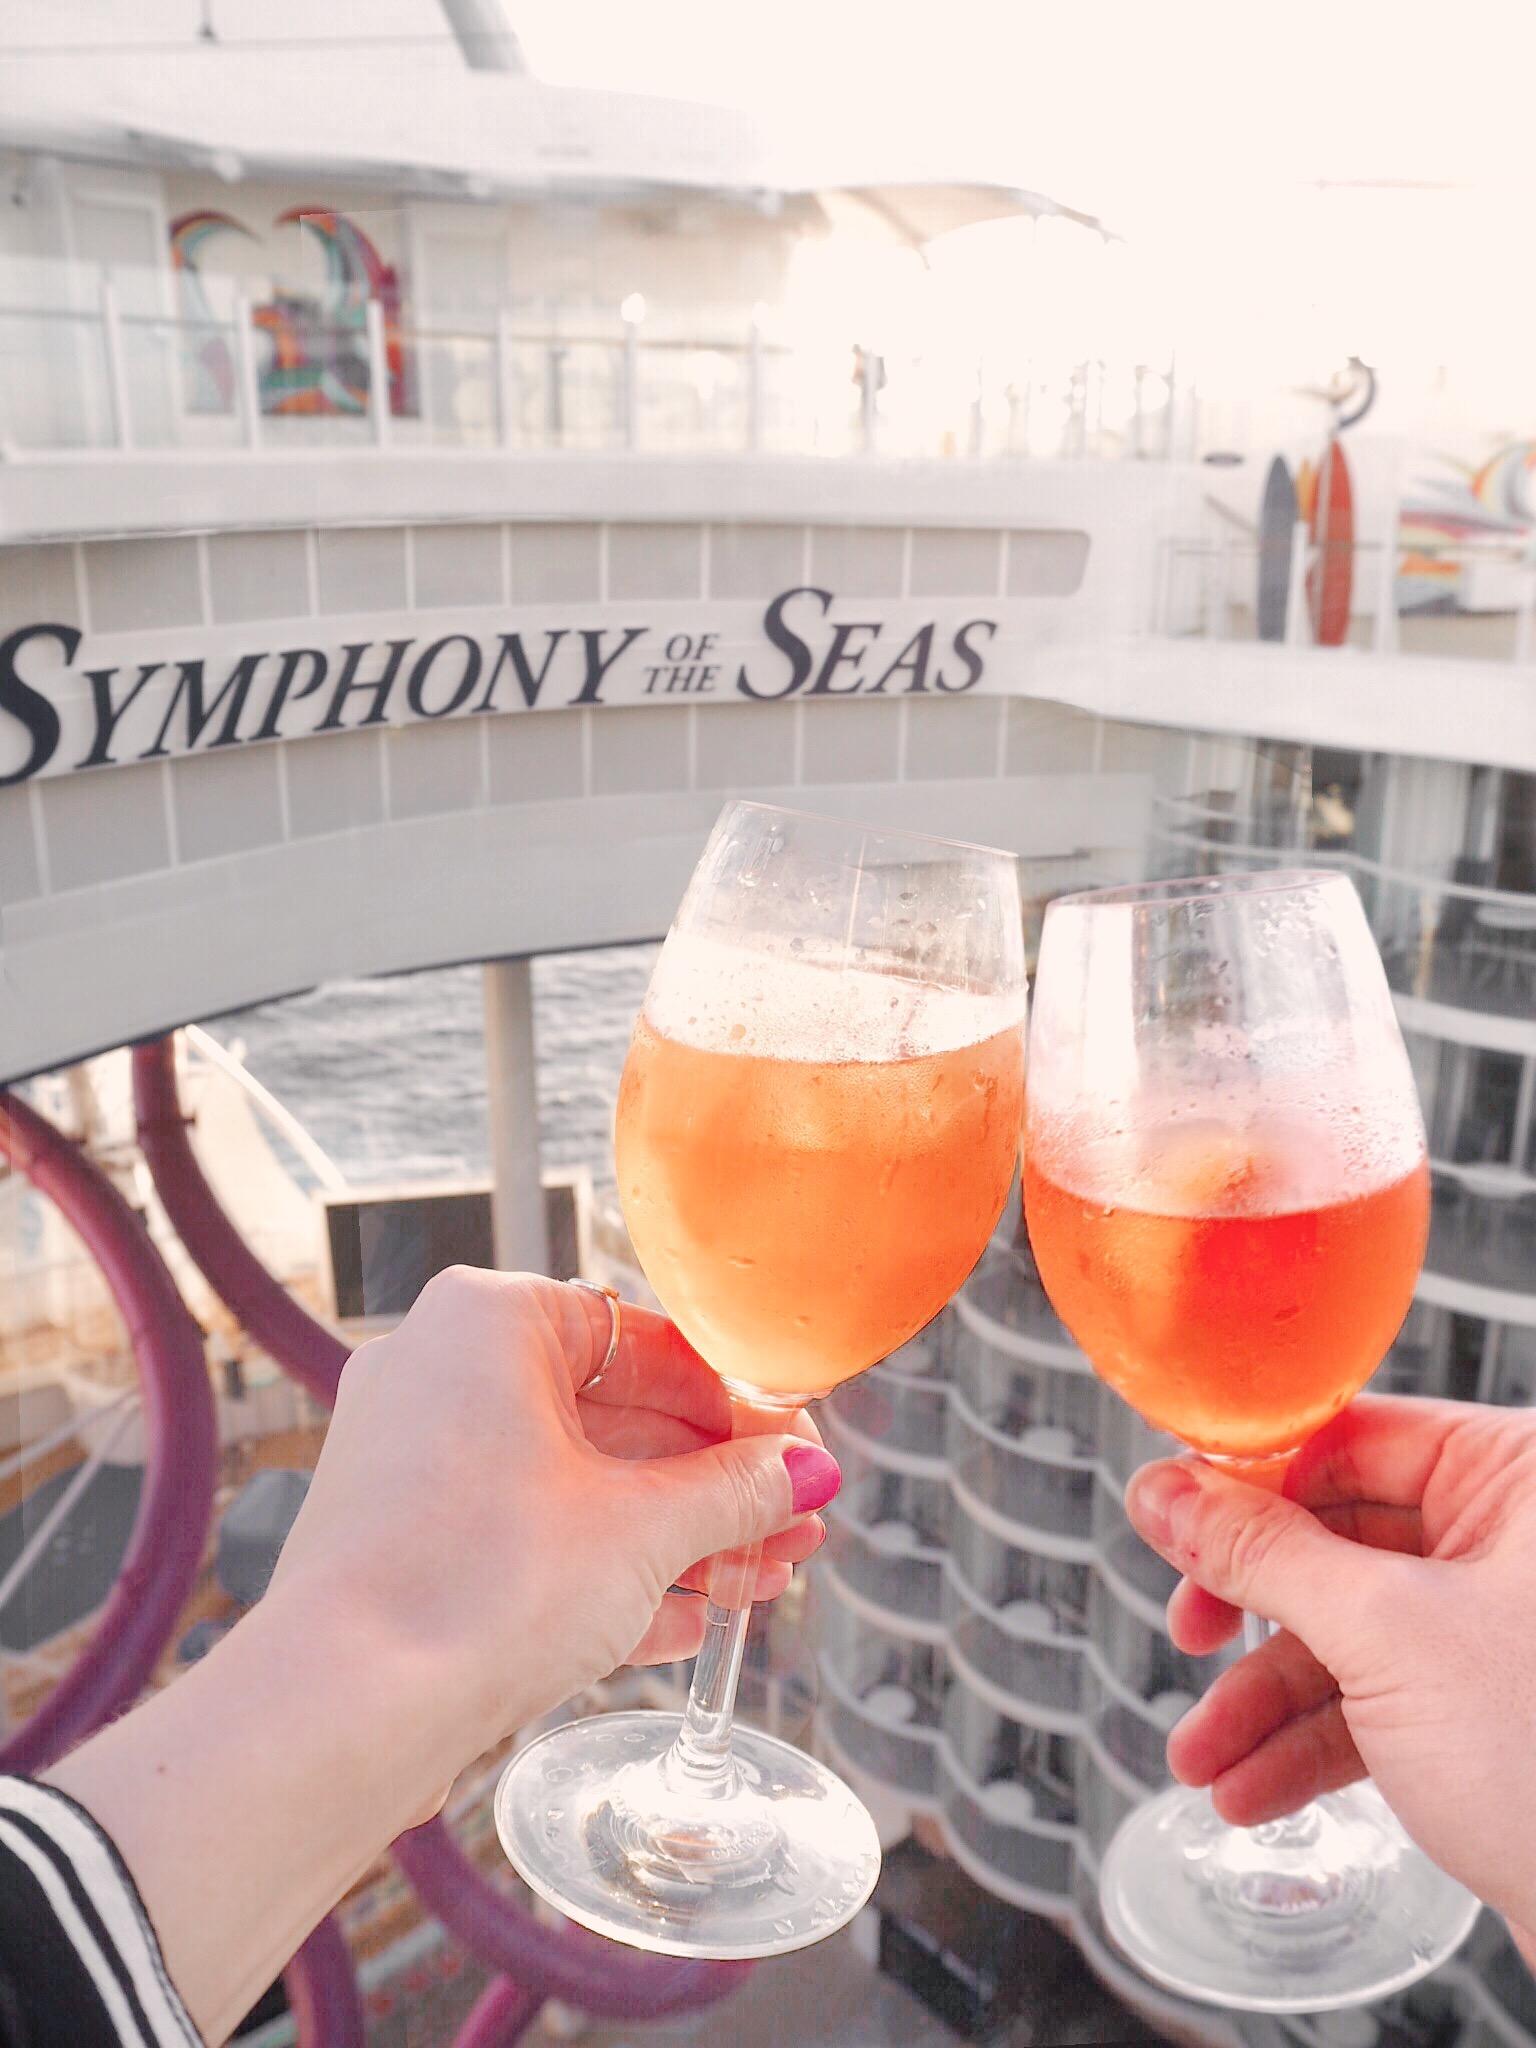 Symphony of the Seas: Meine Erfahrung auf dem größten Schiff der Welt